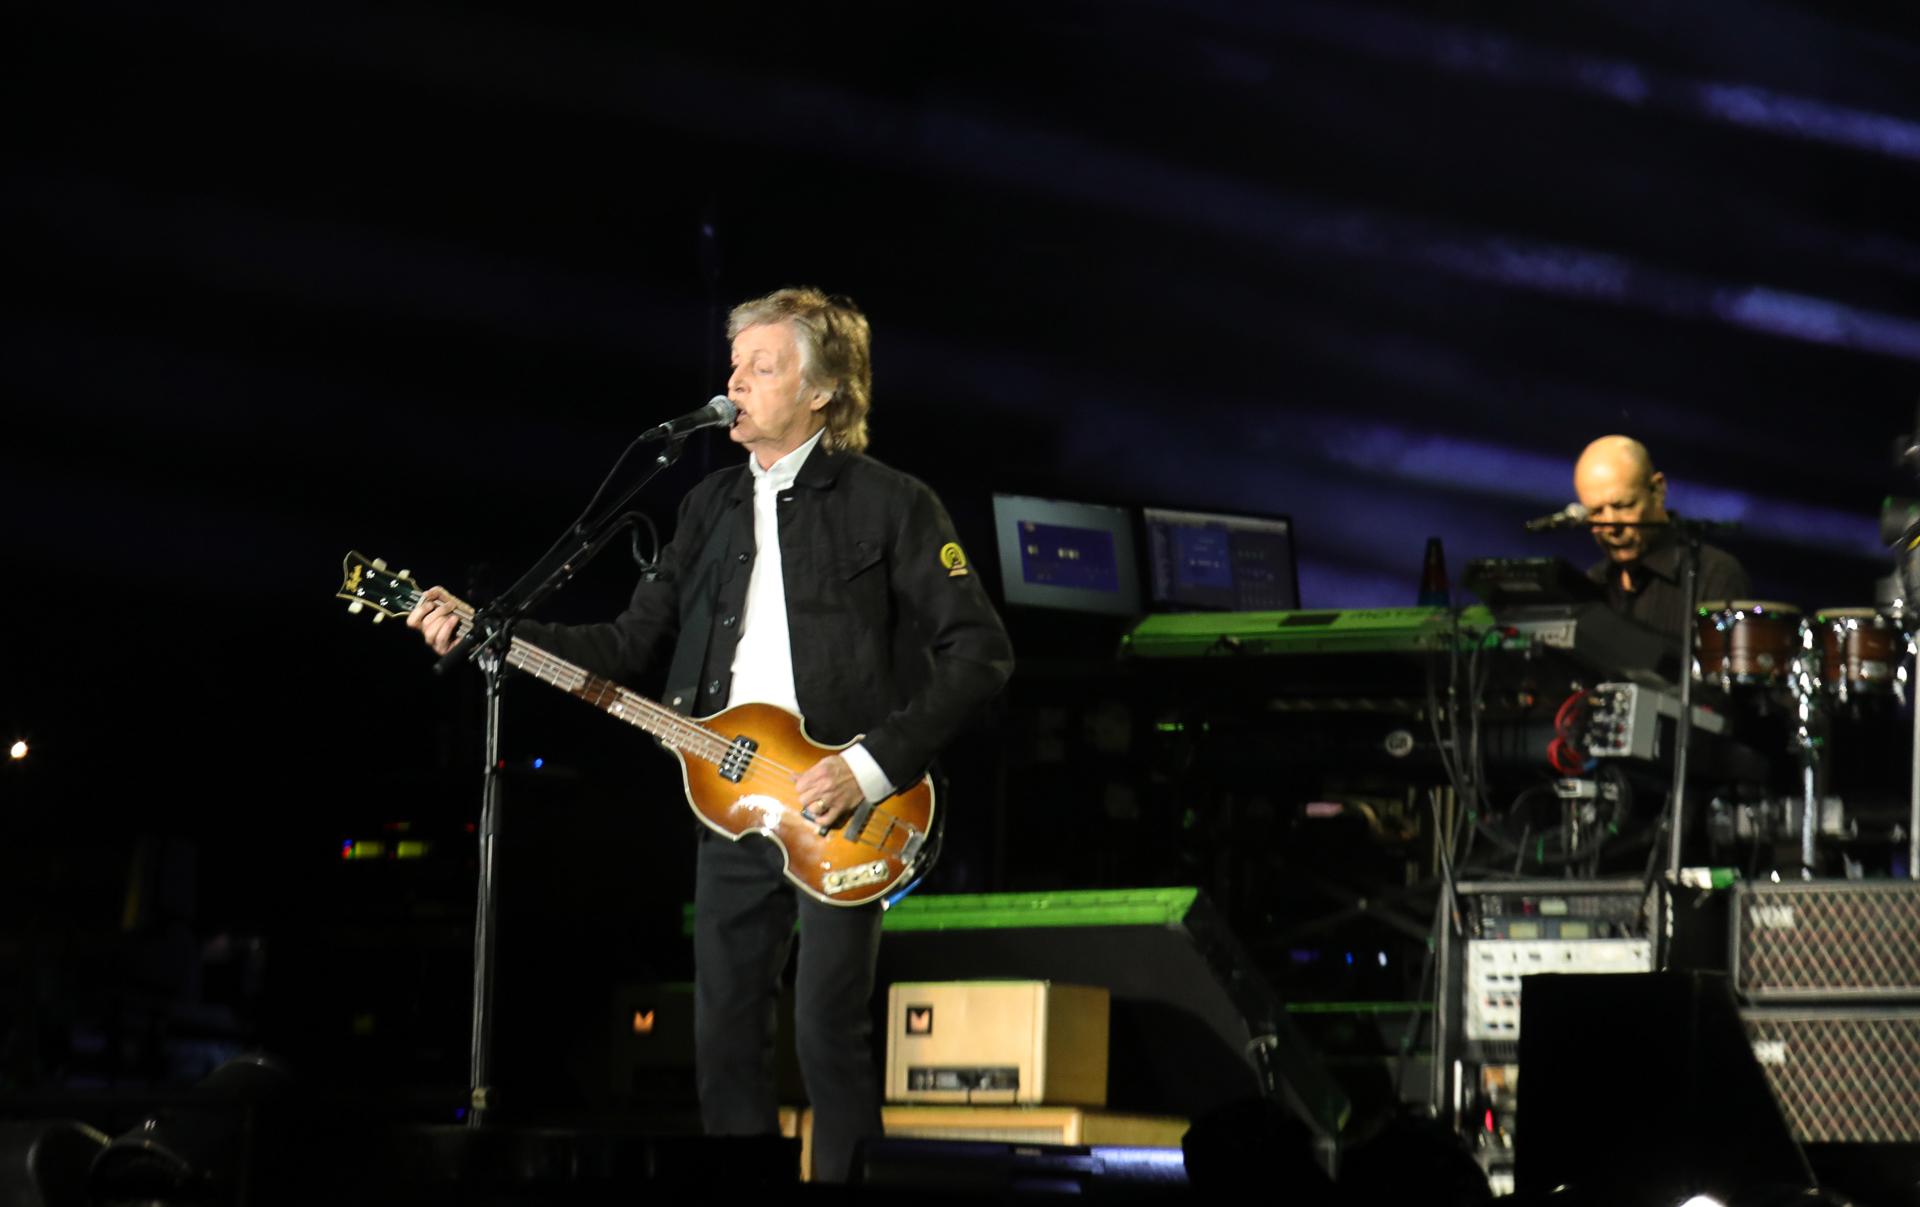 Paul con su clásico bajo violín Hofner, un modelo que lo acompaña desde los días de The Beatles